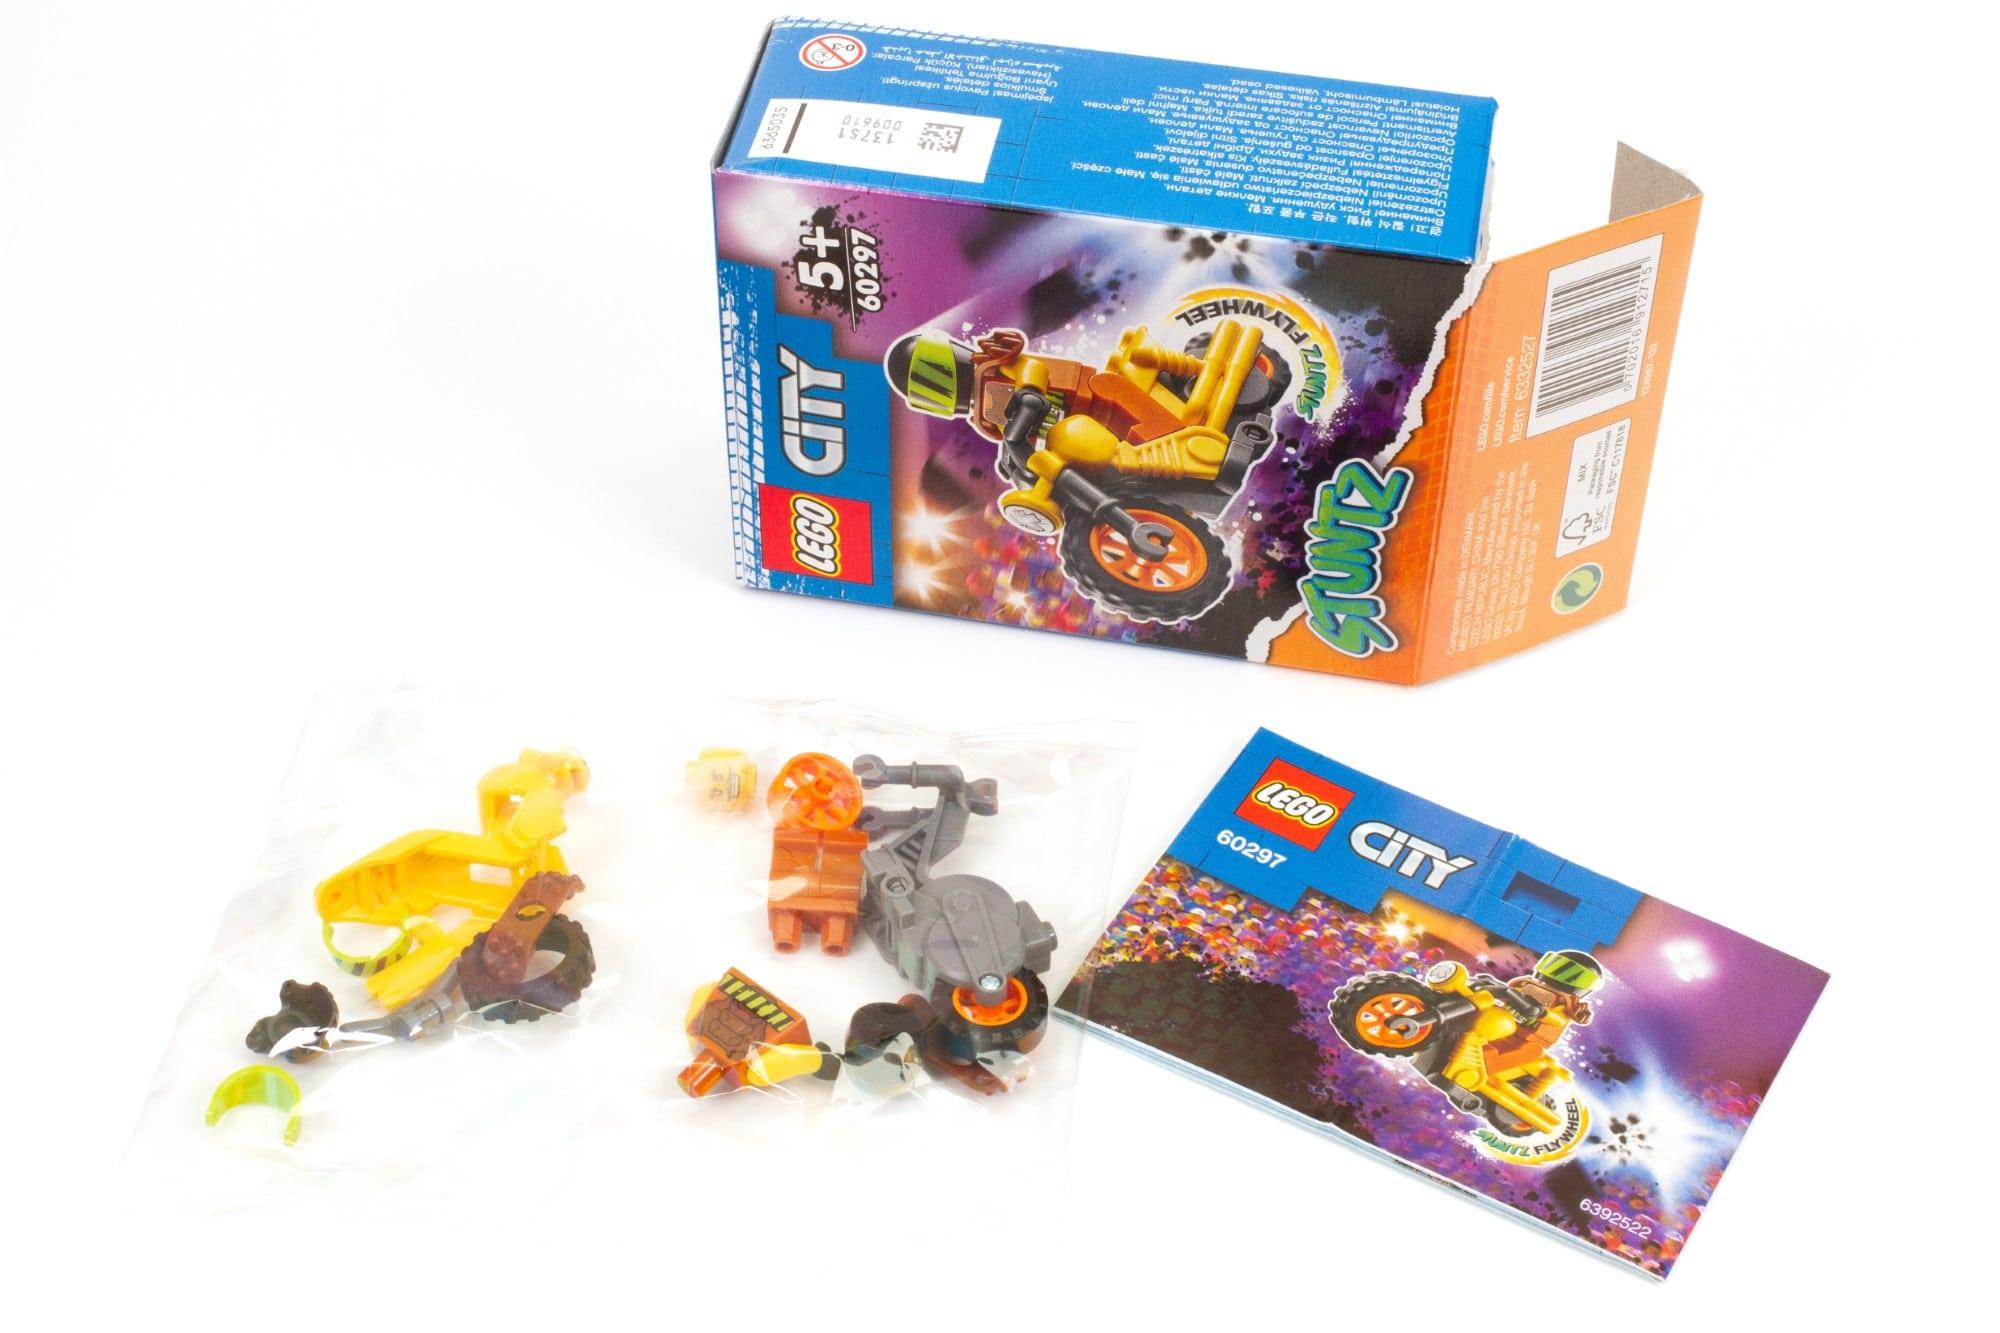 LEGO City Stuntz Praxistest 60297 3